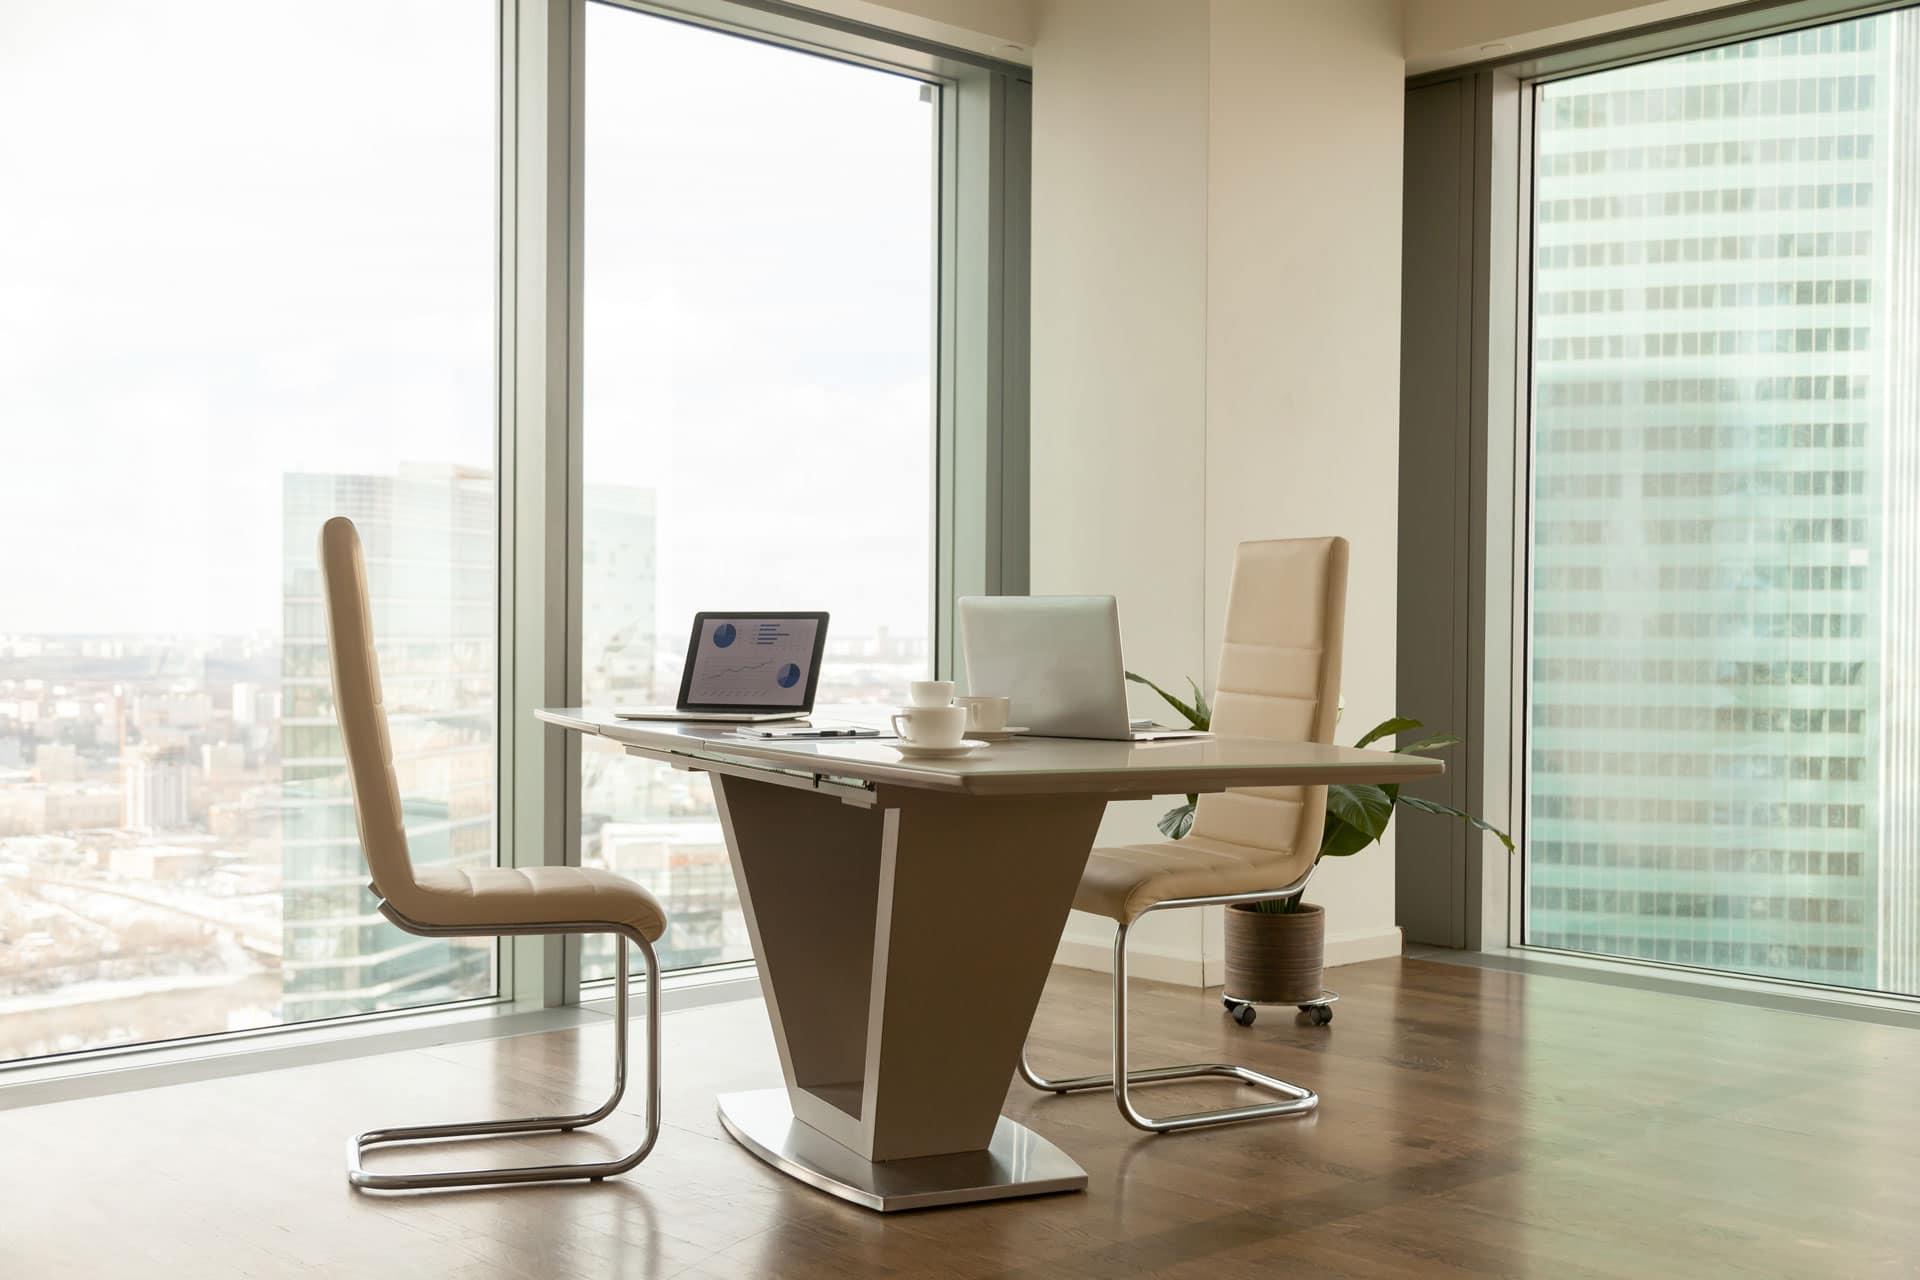 Zanimljive cinjenice o kancelarijskim stolicama